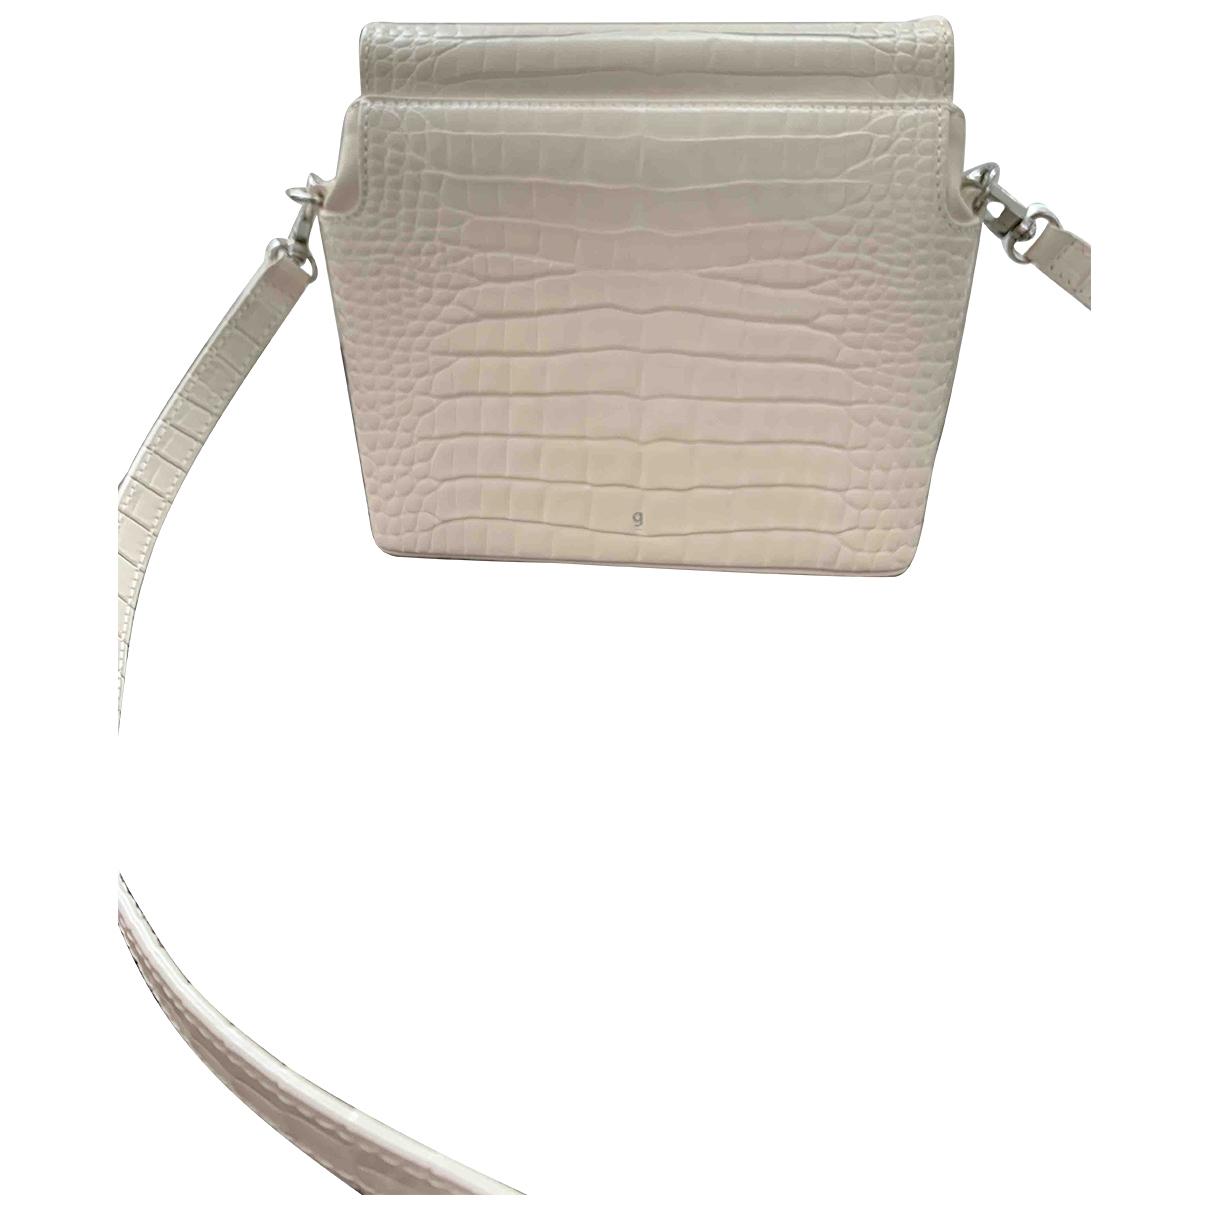 Gu_de \N White Leather handbag for Women \N